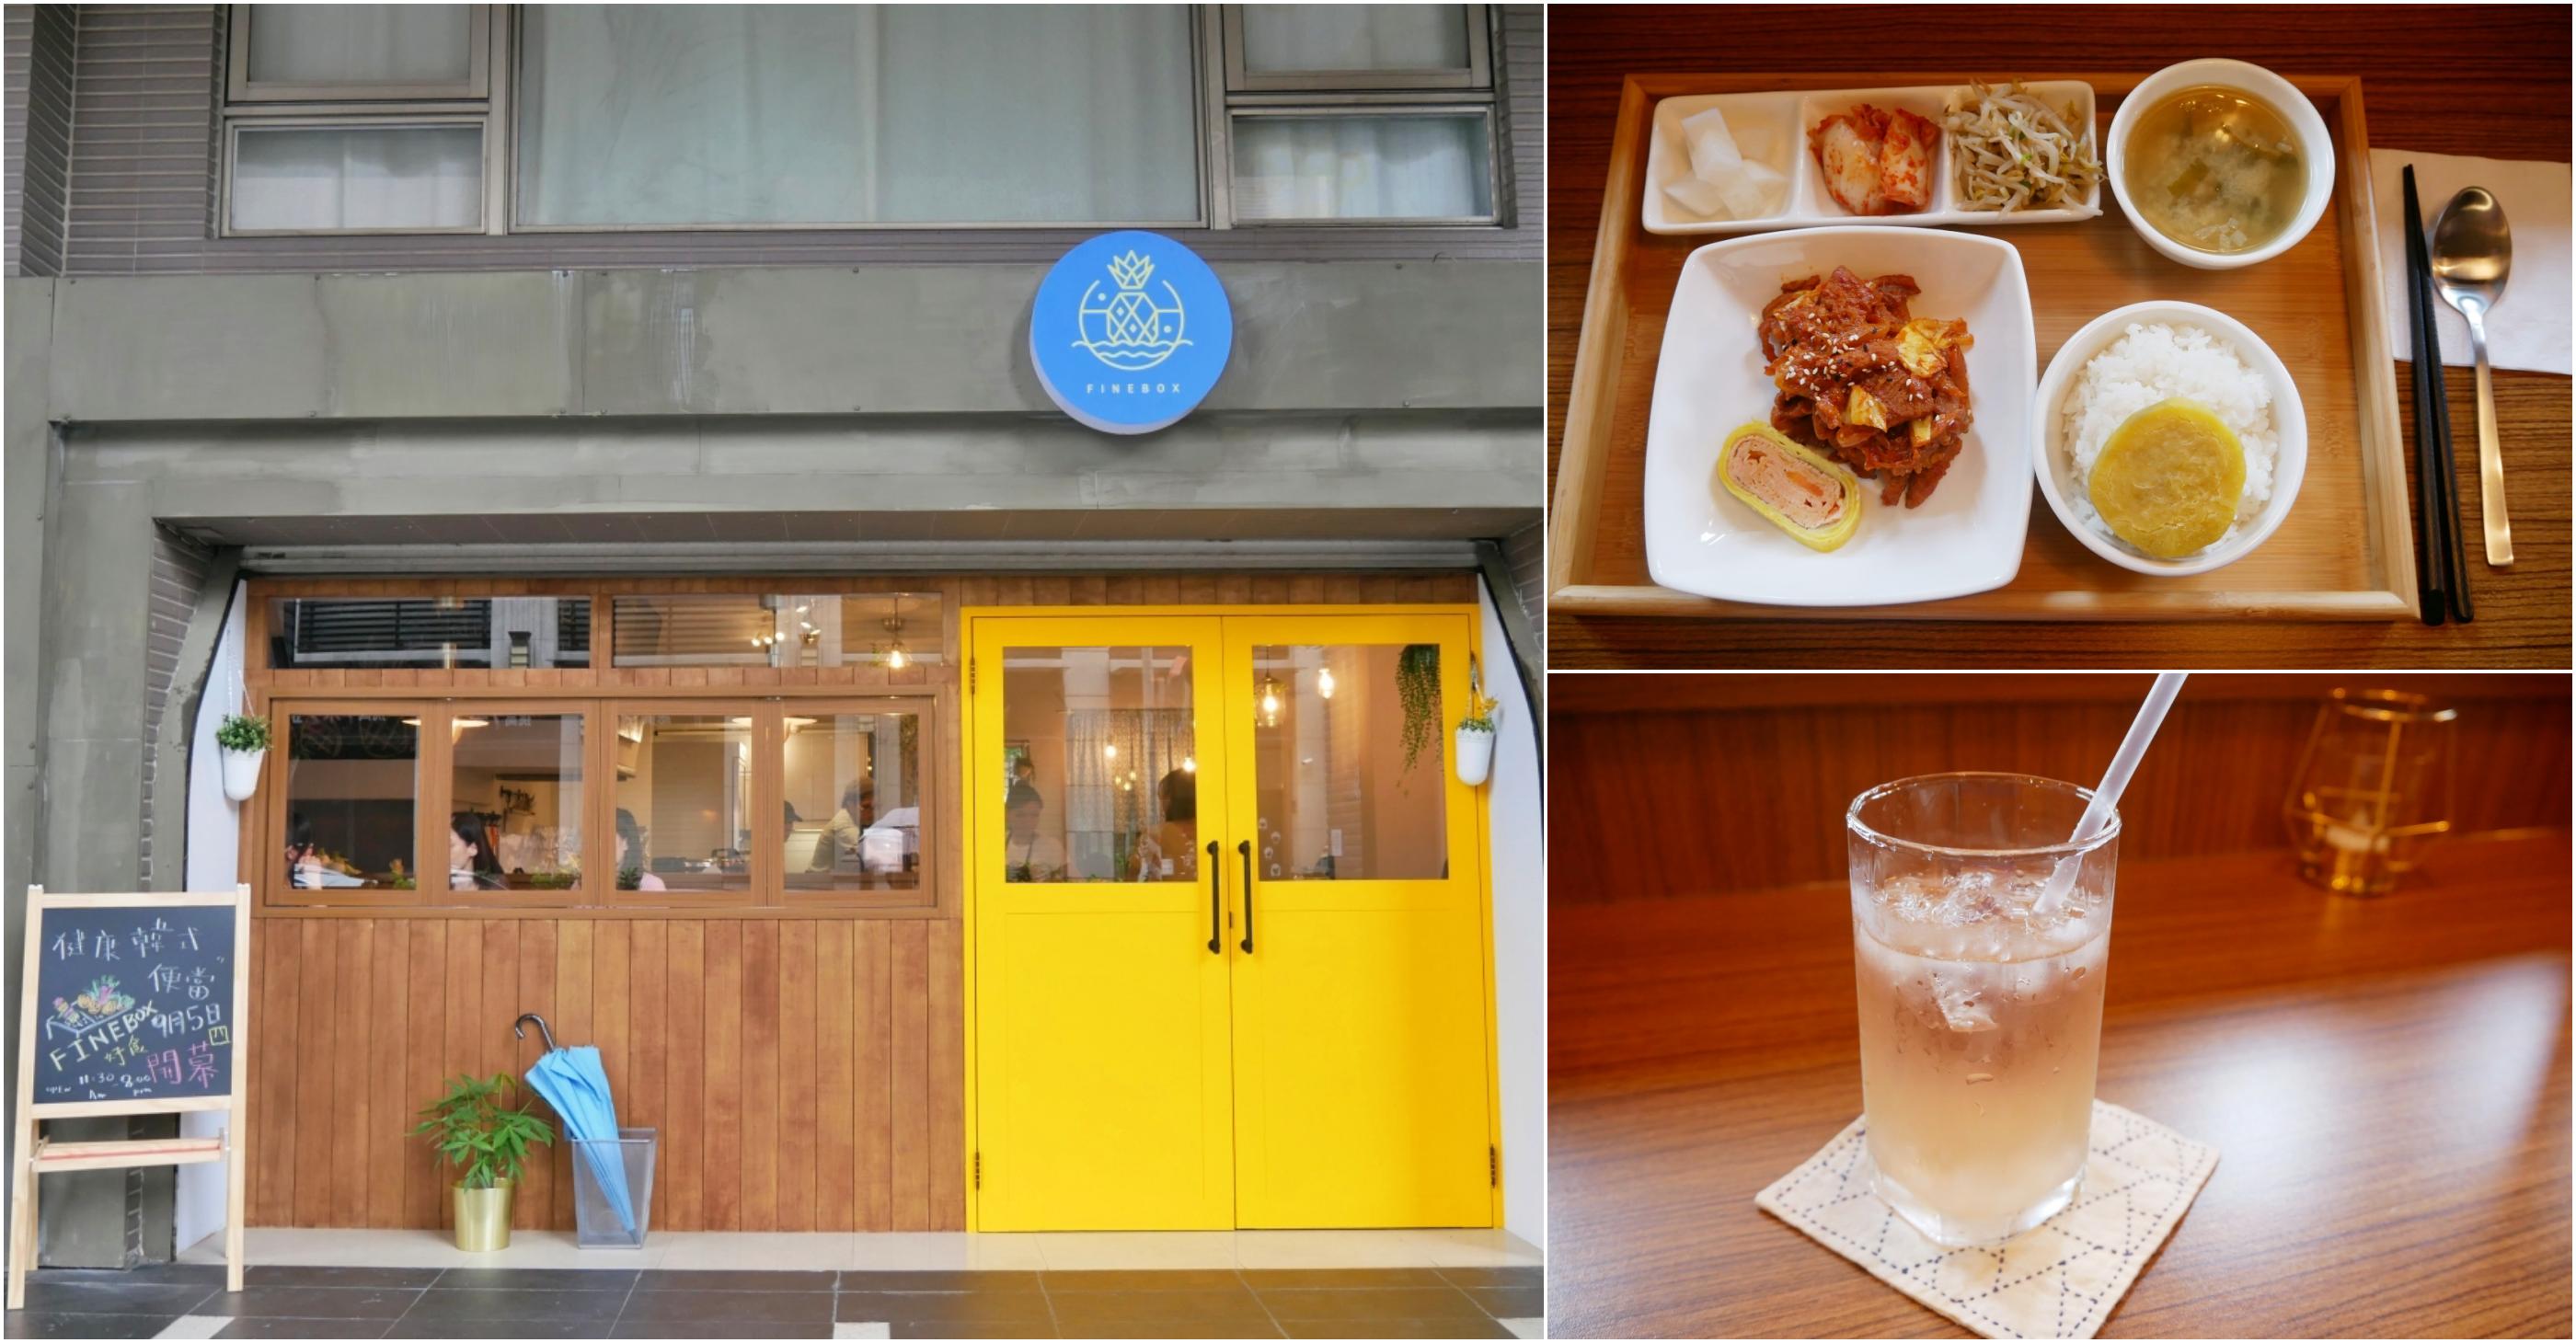 [八德美食]Finebox好食 韓國女孩新開的健康韓式便當店~廣豐新天地附近.平日限定營業每週更換菜色 @VIVIYU小世界